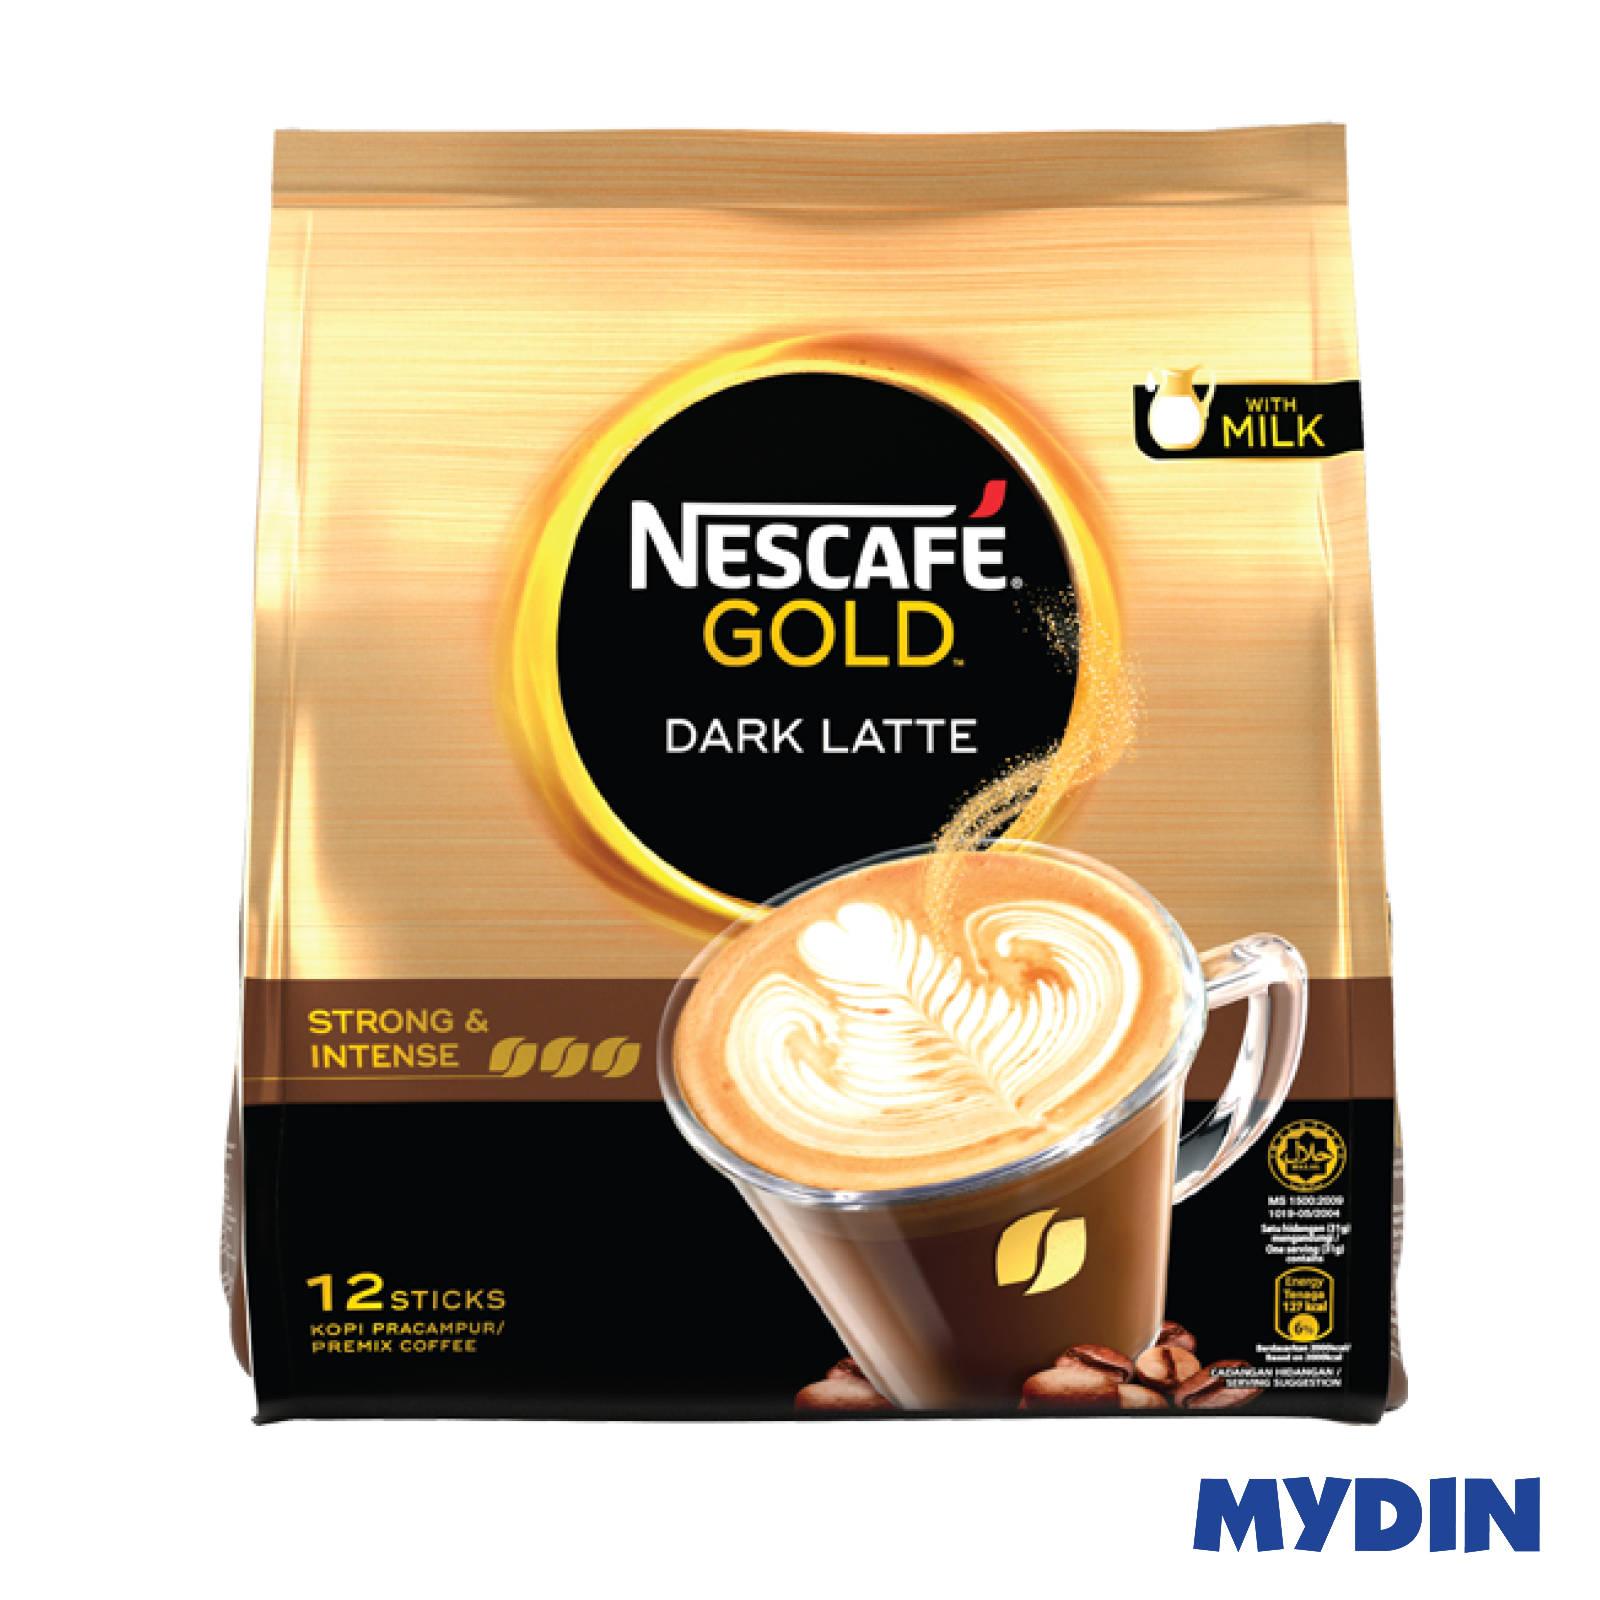 Nescafe Gold Dark Latte (12 x 31g)